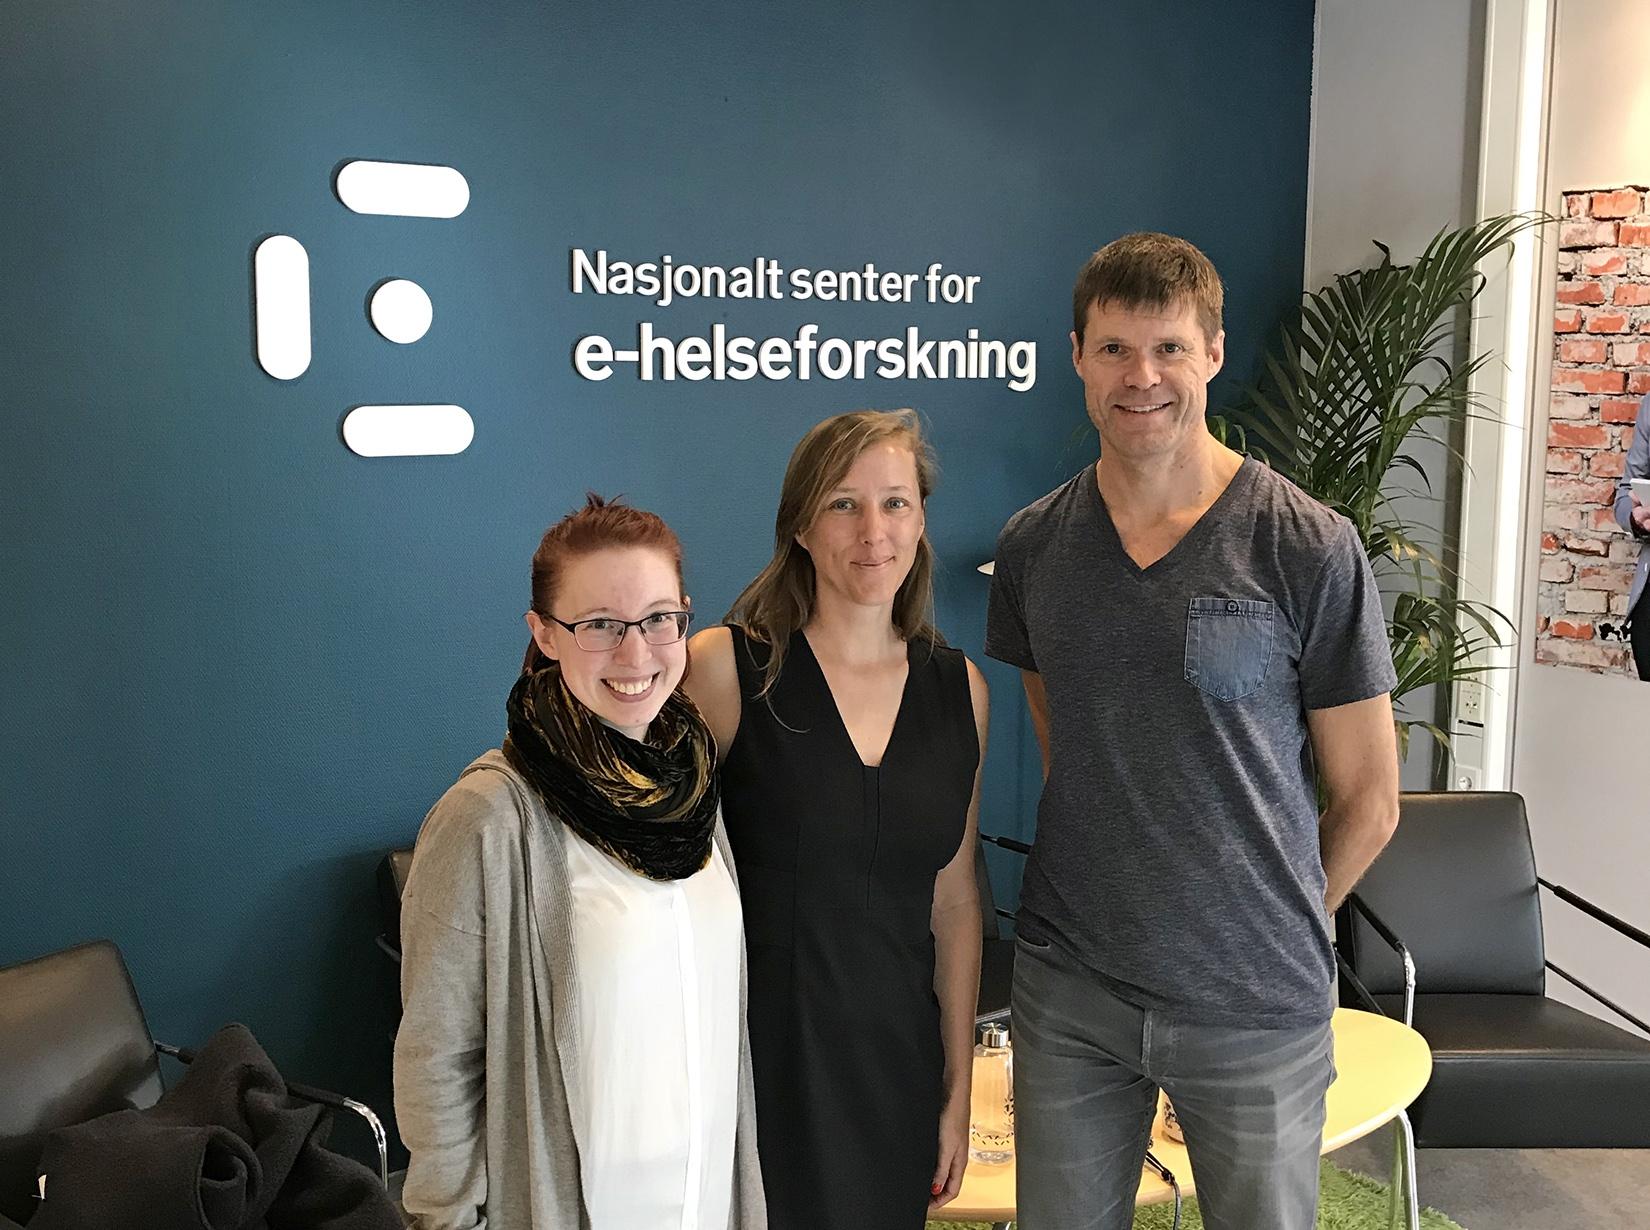 From left: Meghan Bradway, the Norwegian Centre for E-health Research, Kathleen Garrison from Yale University, Eirik Årsand from E-health Research. Photo: Lene Lundberg